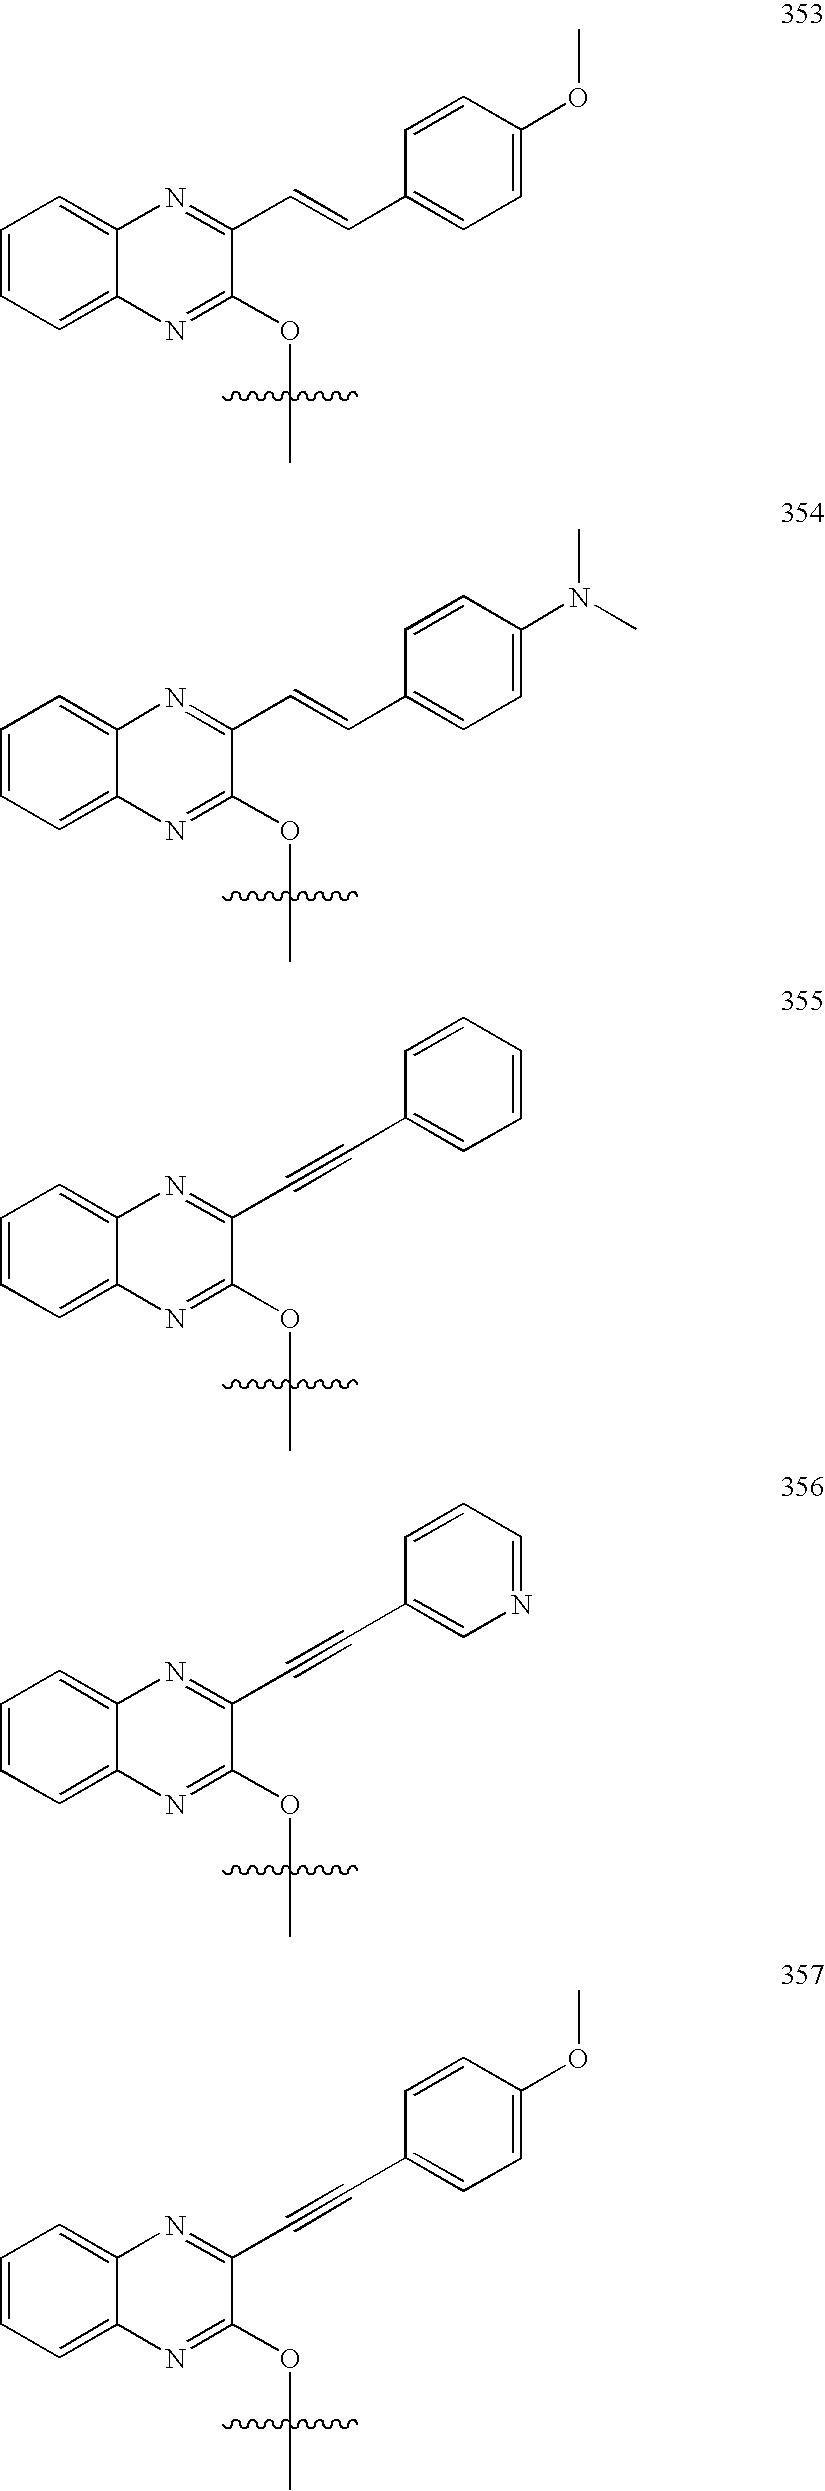 Figure US07368452-20080506-C00257